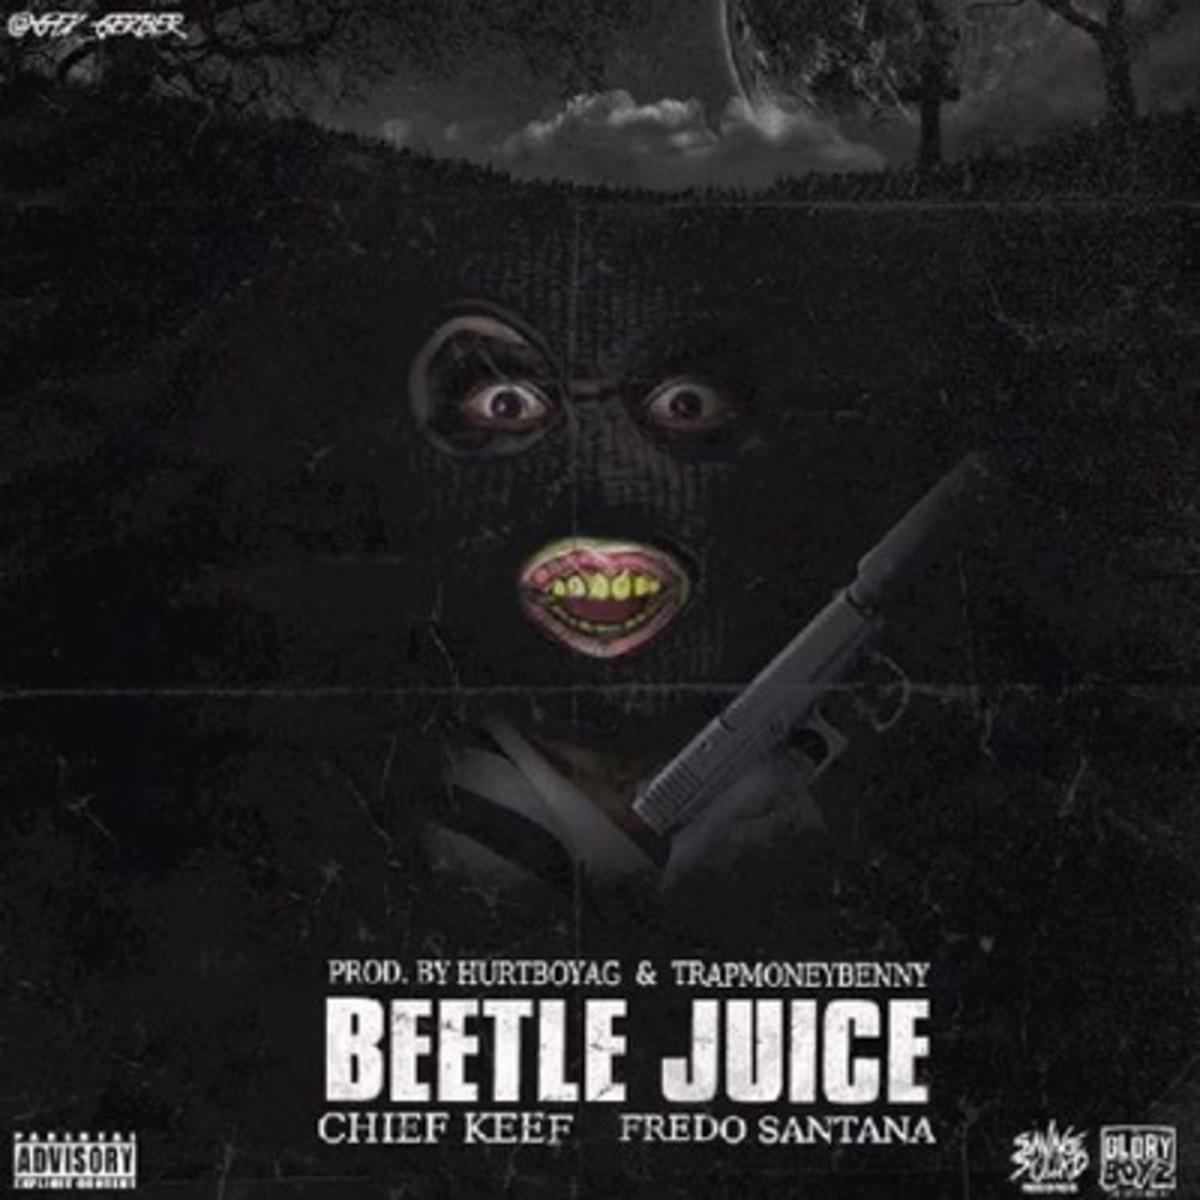 chiefkeef-beetlejuice.jpg